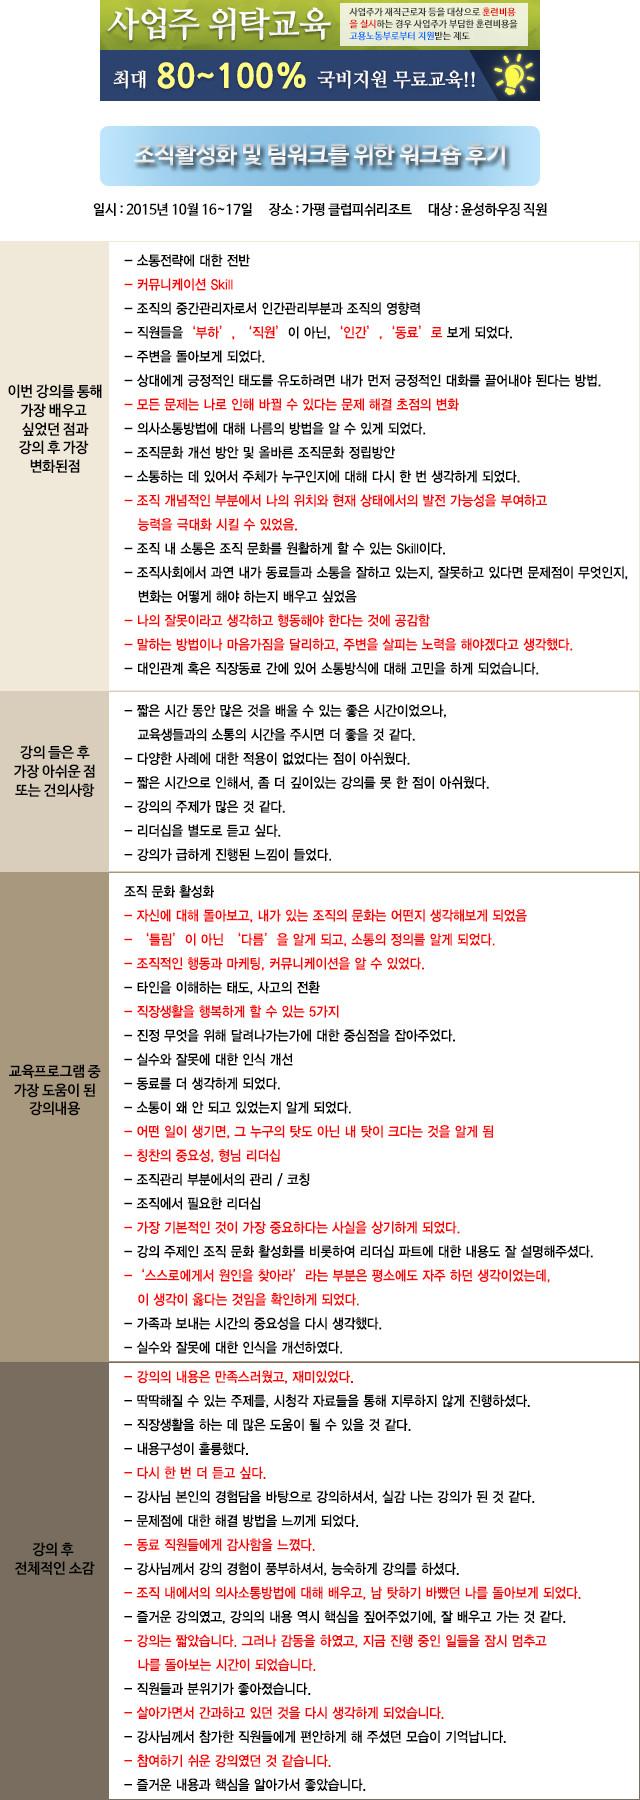 수정됨_20151017_윤성하우징.jpg